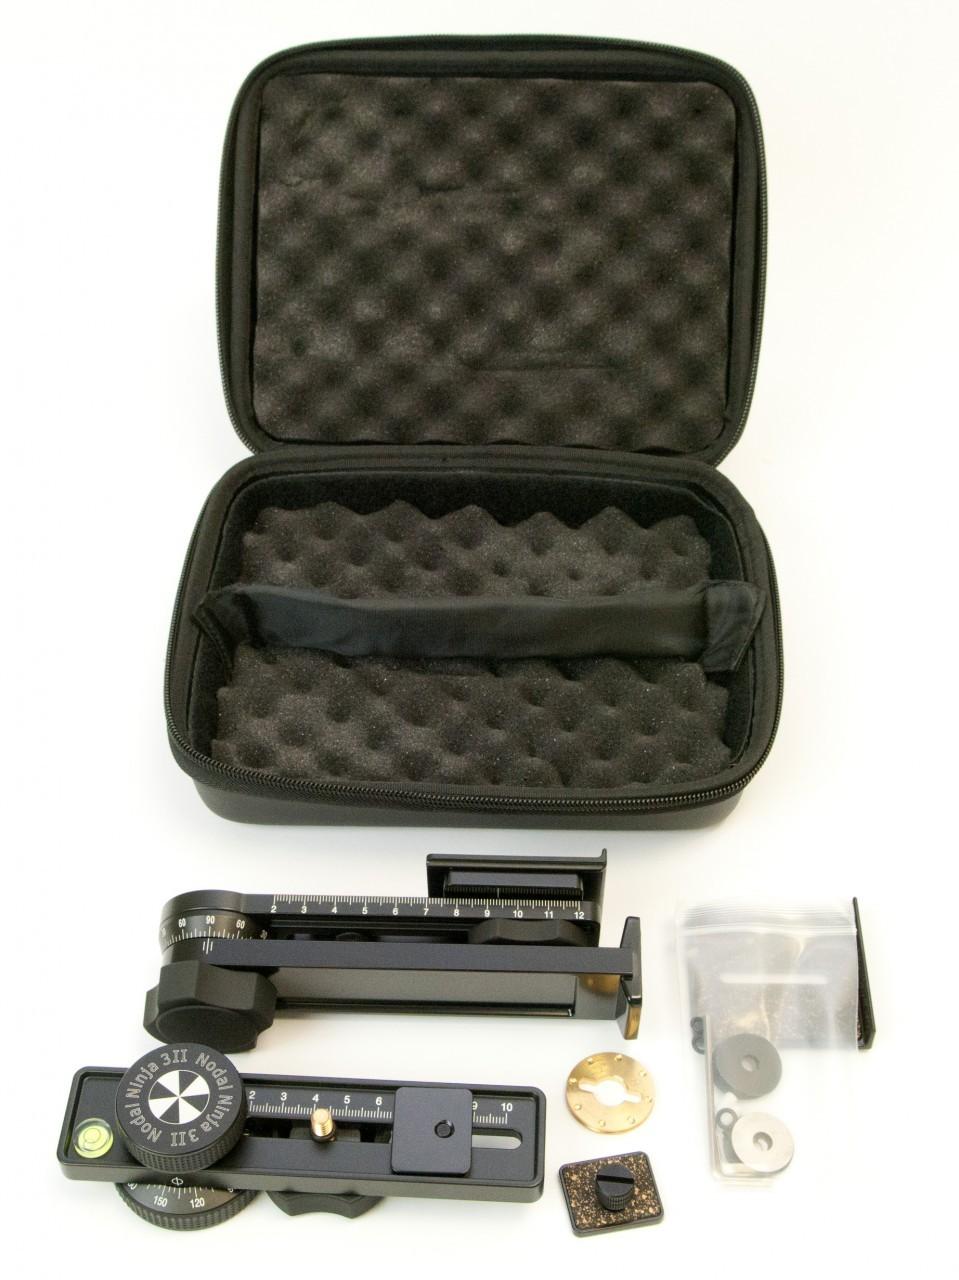 nn3-mk-ii-New-Case.jpg